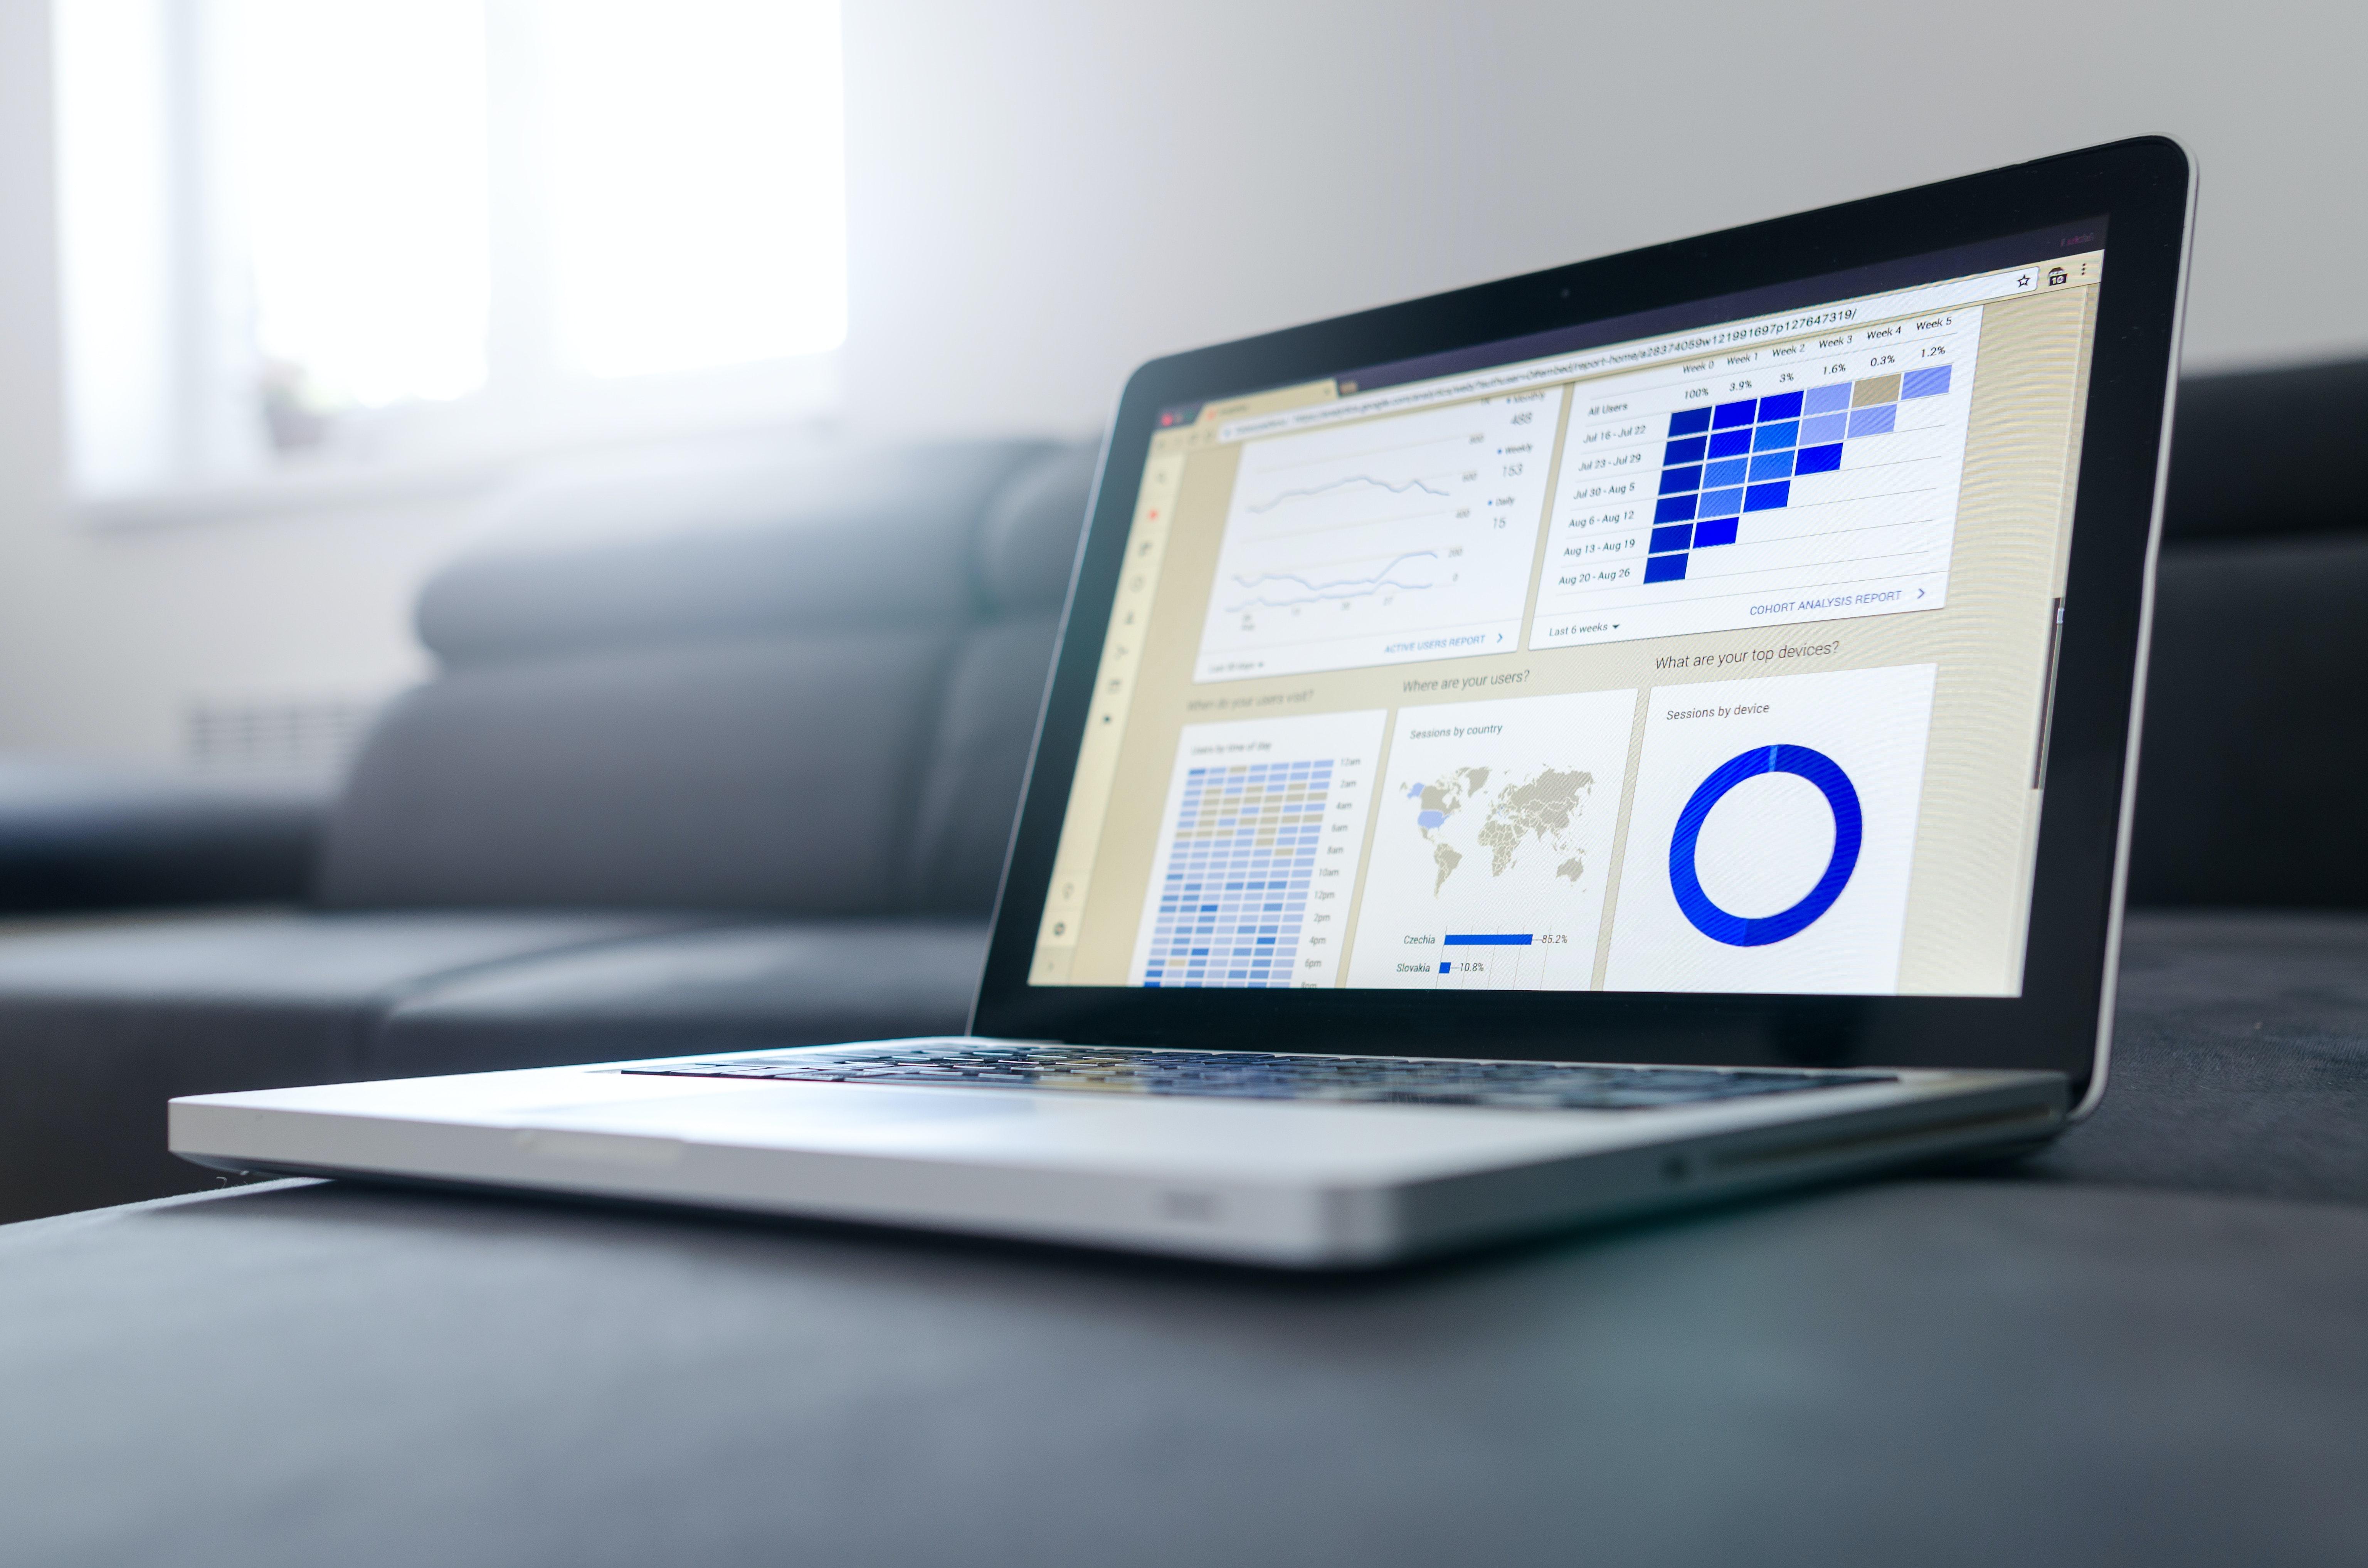 网络推广对企业来说有什么作用和意义?